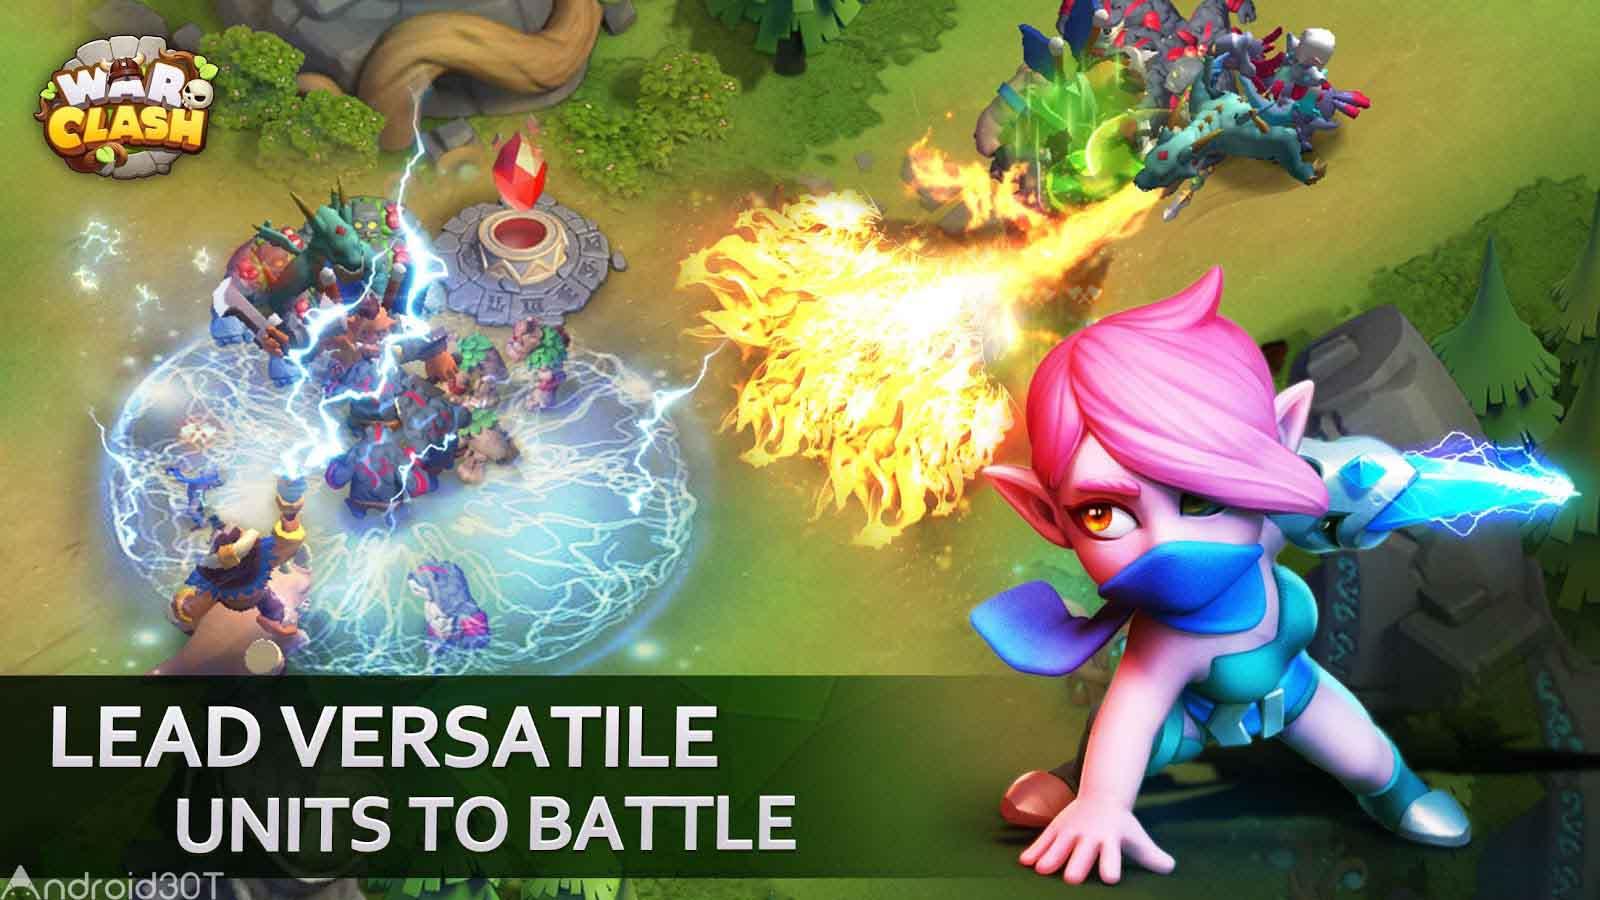 دانلود War Clash 1.0.0.10 – بازی استراتژی درگیری در نبرد ها اندروید